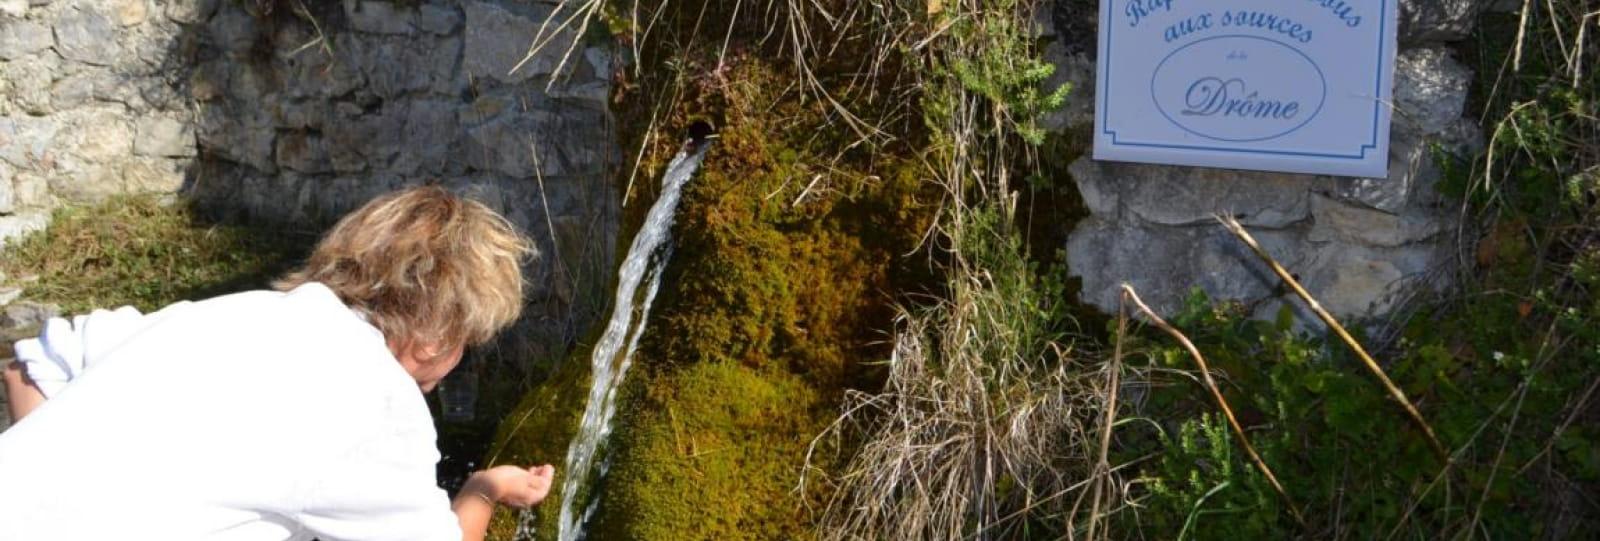 Les Sources de la Drôme